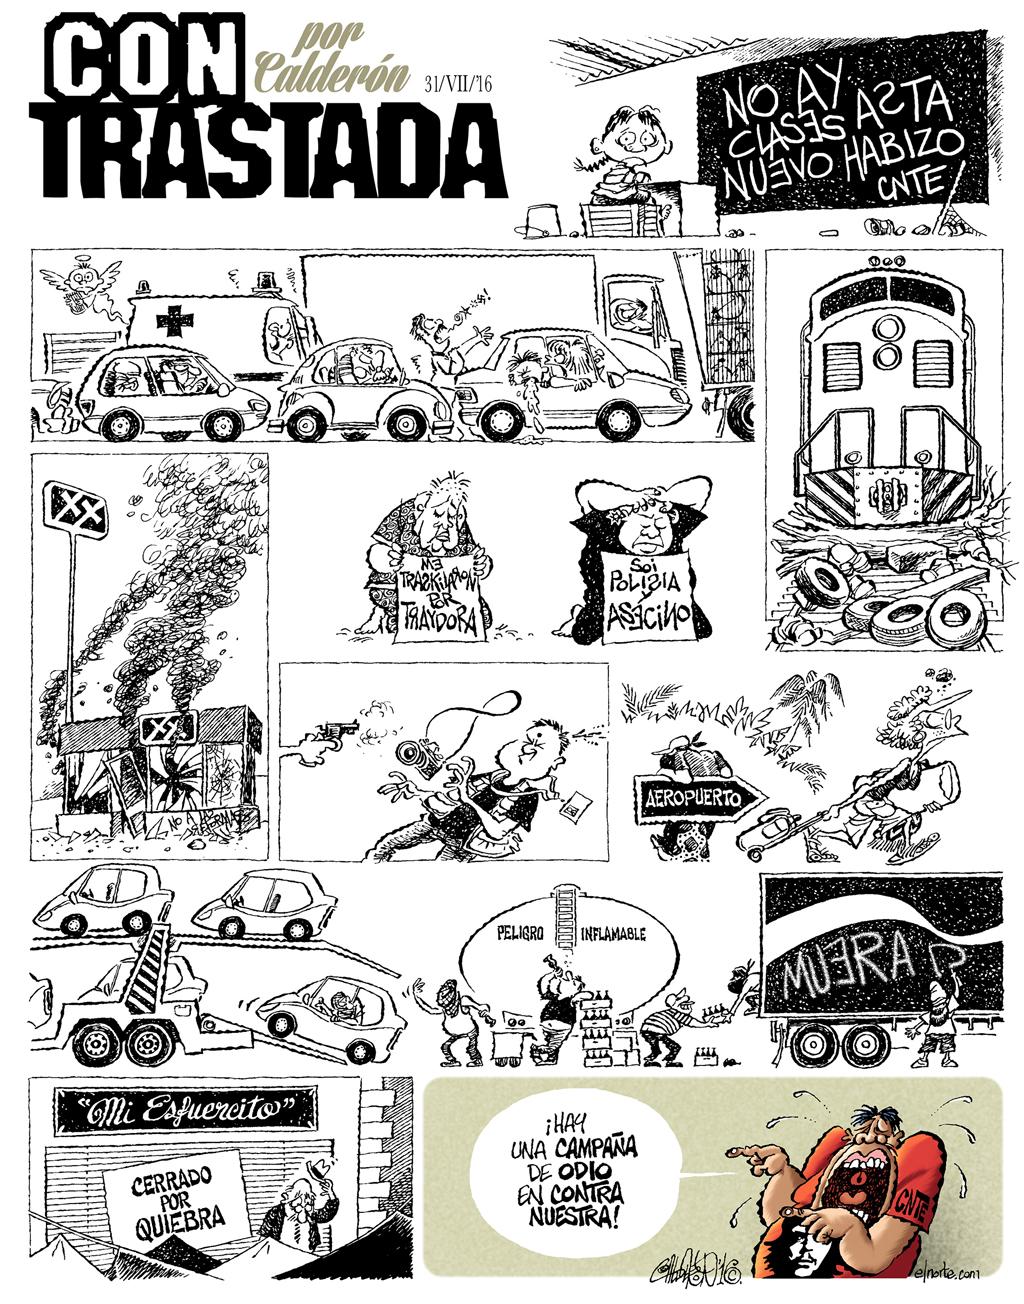 ConTrastada - Calderón